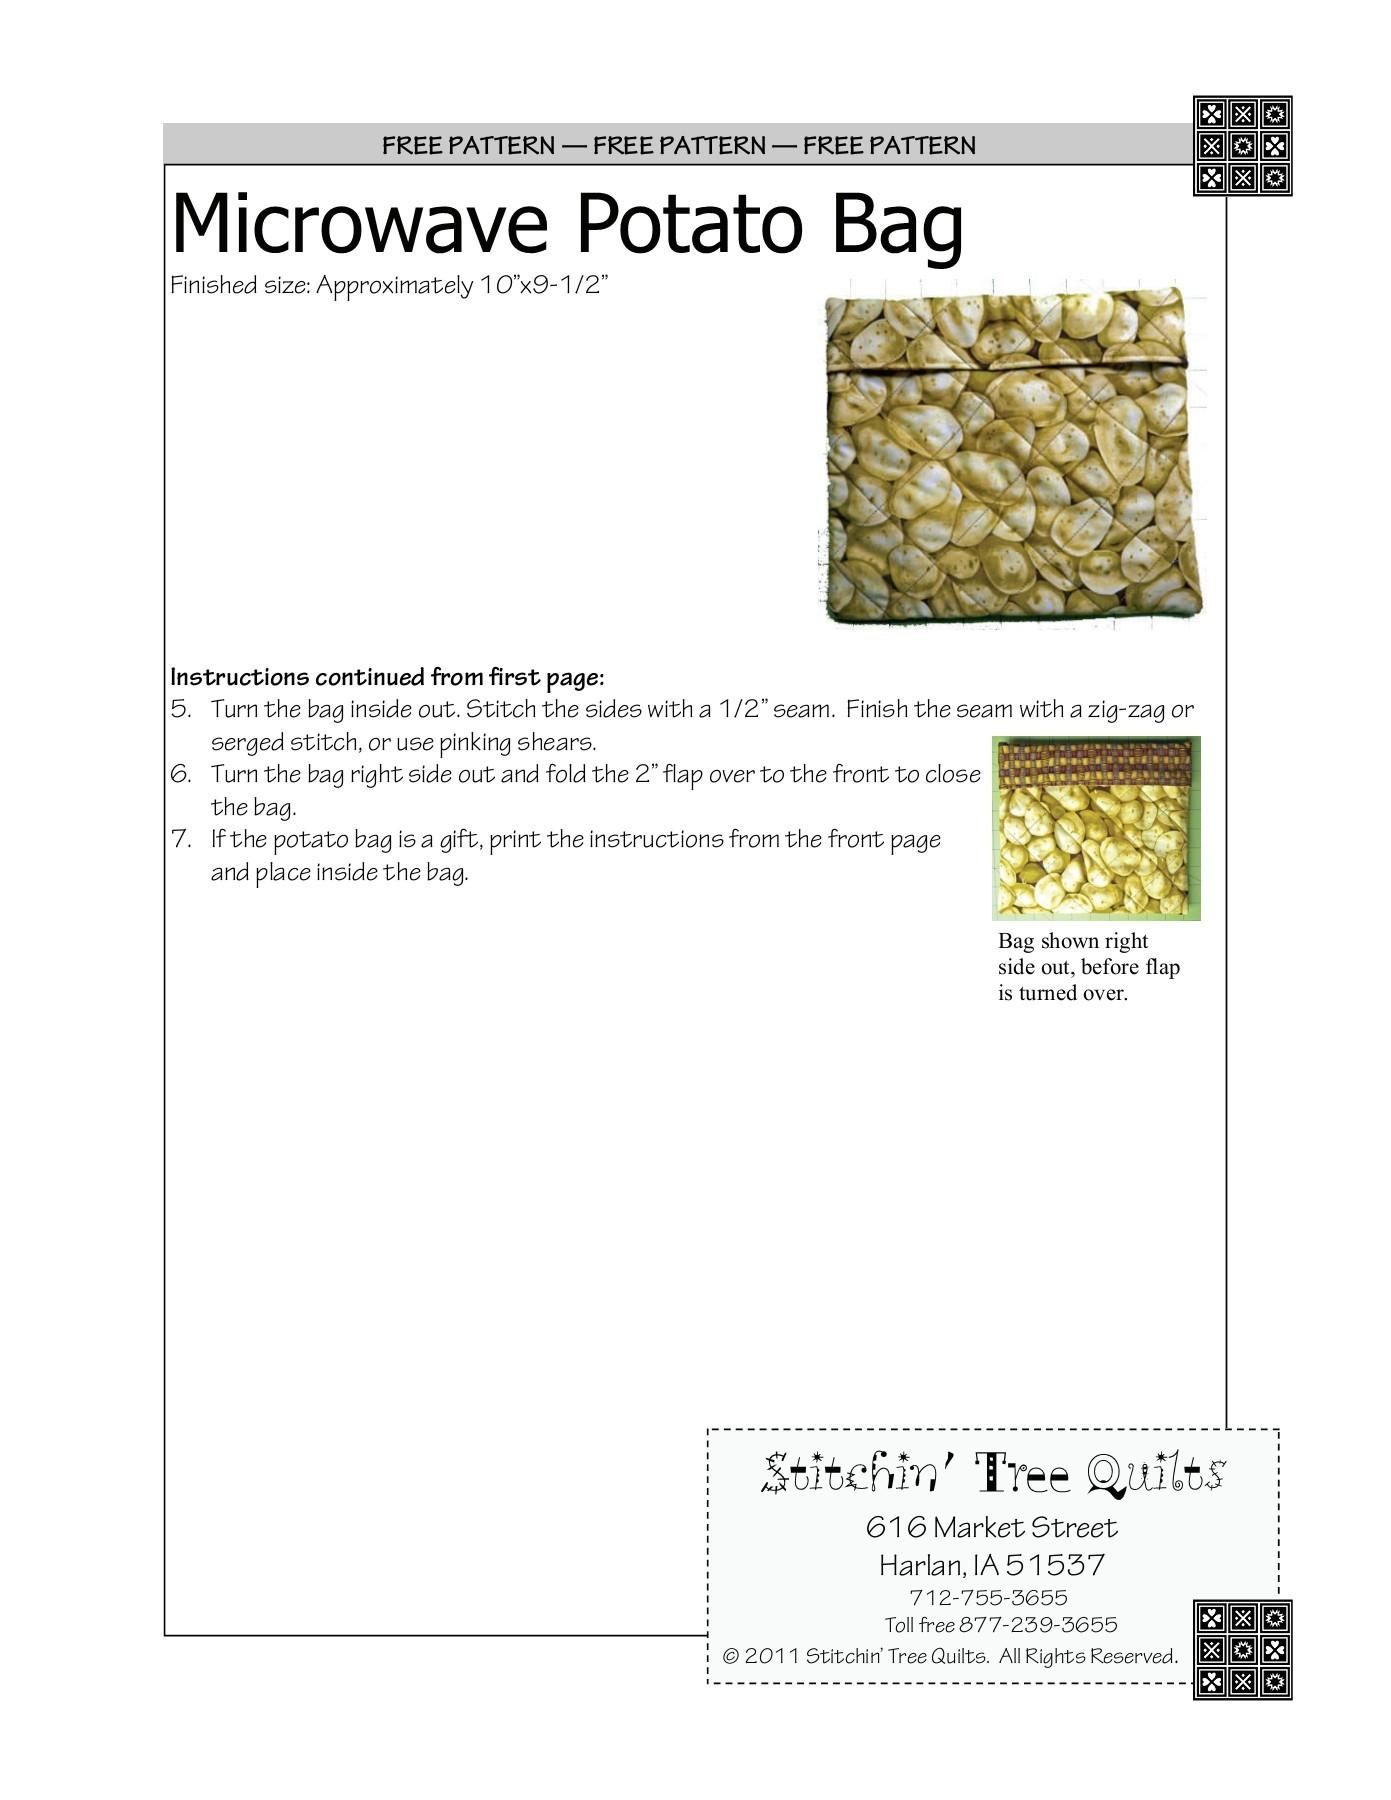 free pattern microwave potato bag